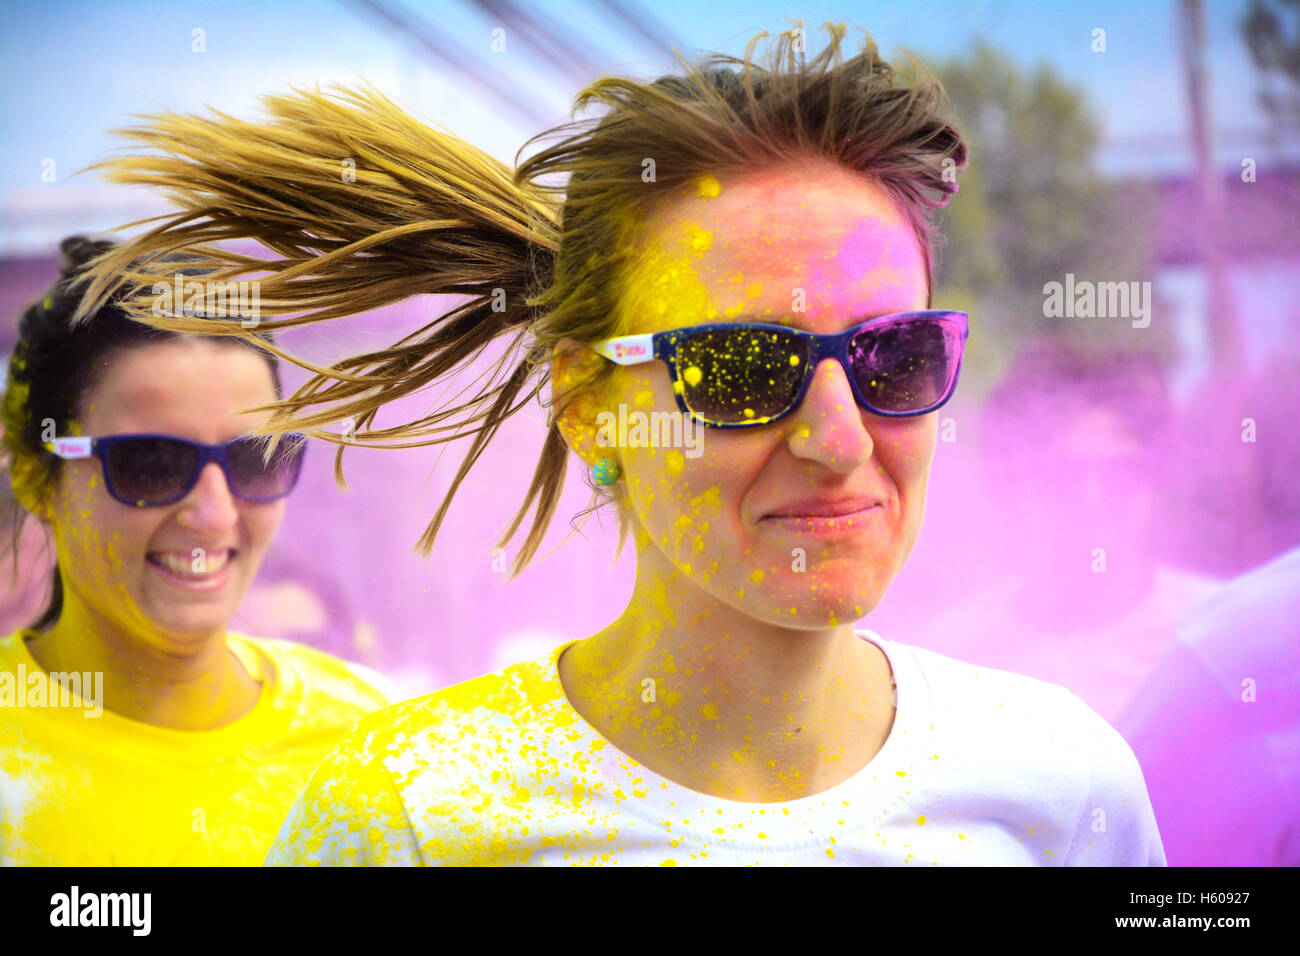 El color corriendo la carrera Imagen De Stock